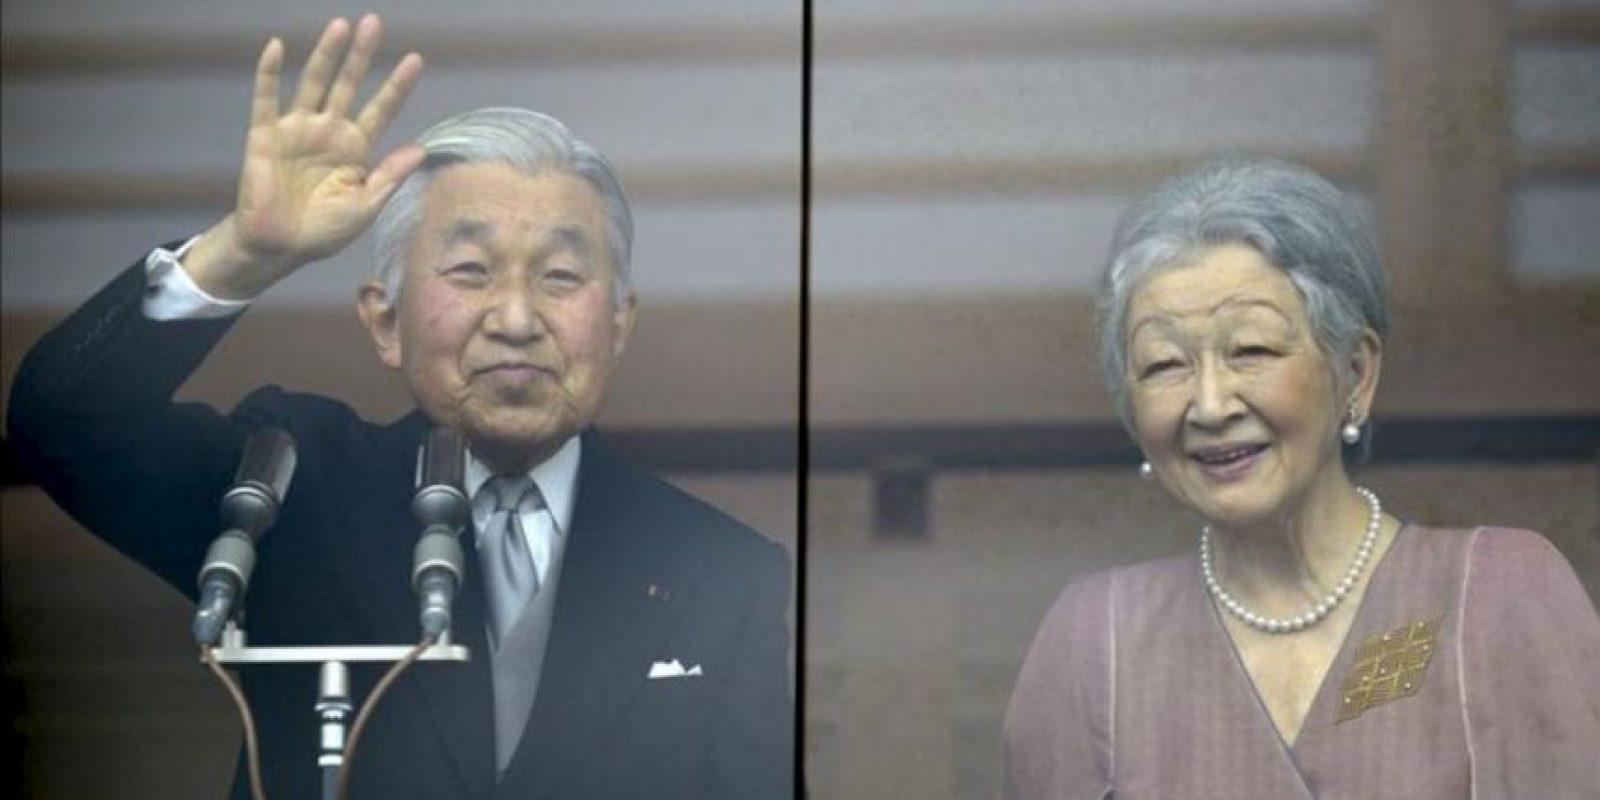 El emperador japonés Akihito, saluda a miles de simpatizantes a través del cristal a prueba de balas del Palacio Imperial en Tokio, junto a la emperatriz Michiko el día de su 79 cumpleaños. EFE